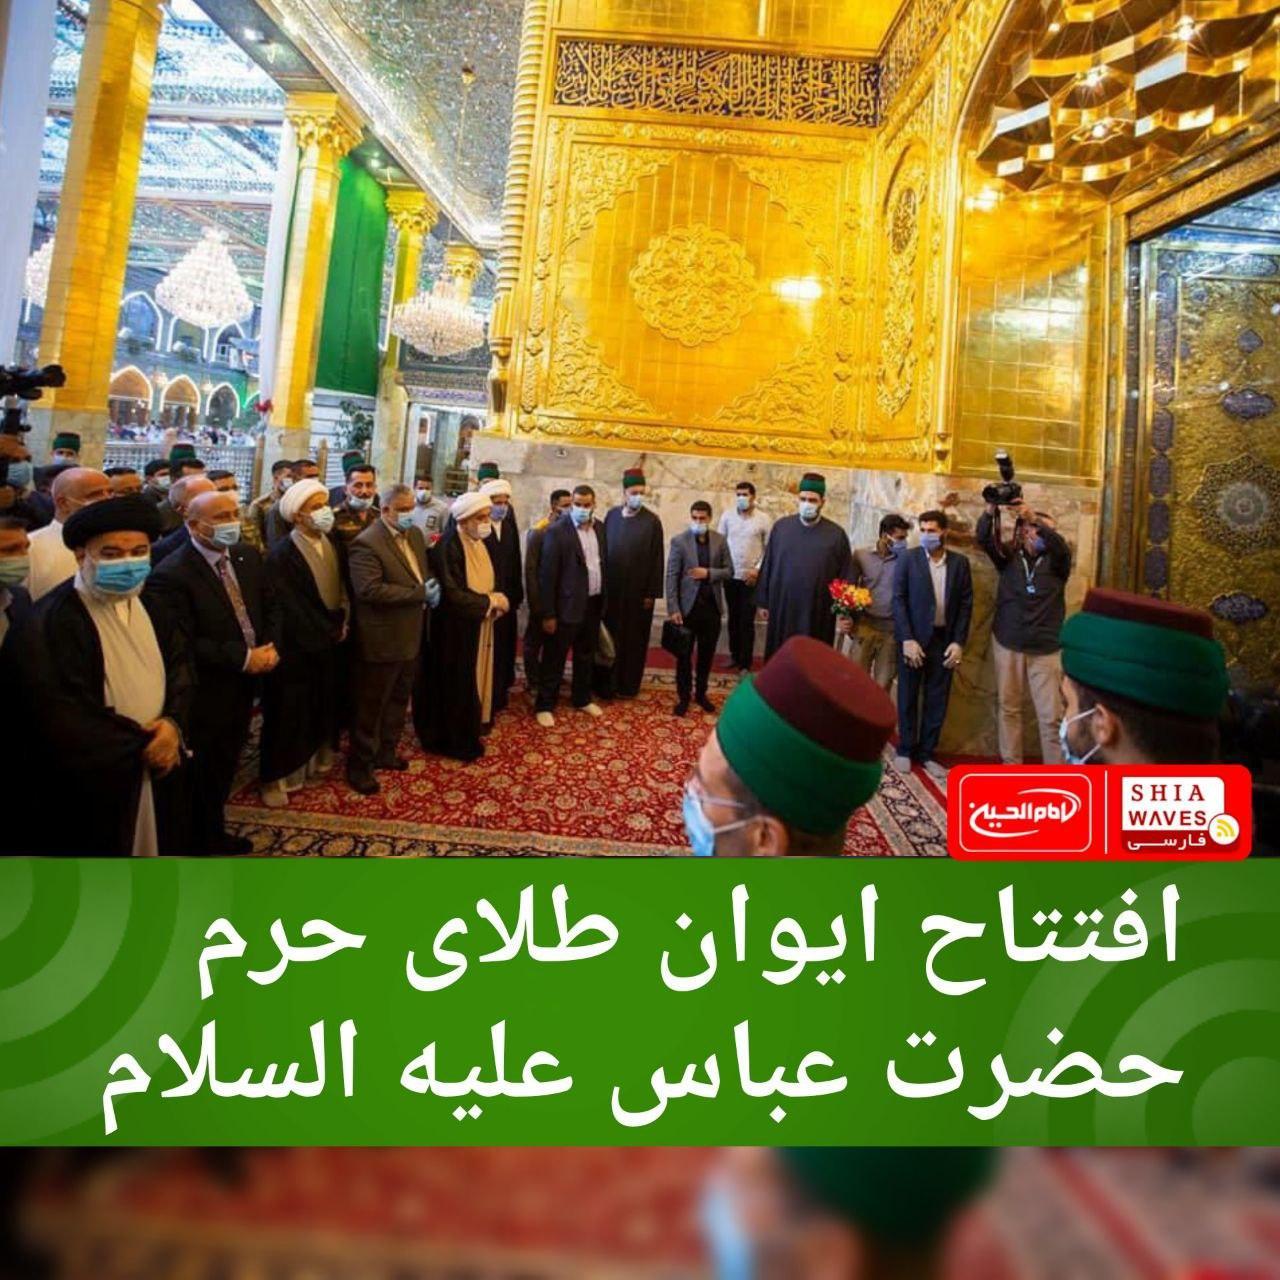 تصویر افتتاح ایوان طلای حرم حضرت عباس علیه السلام